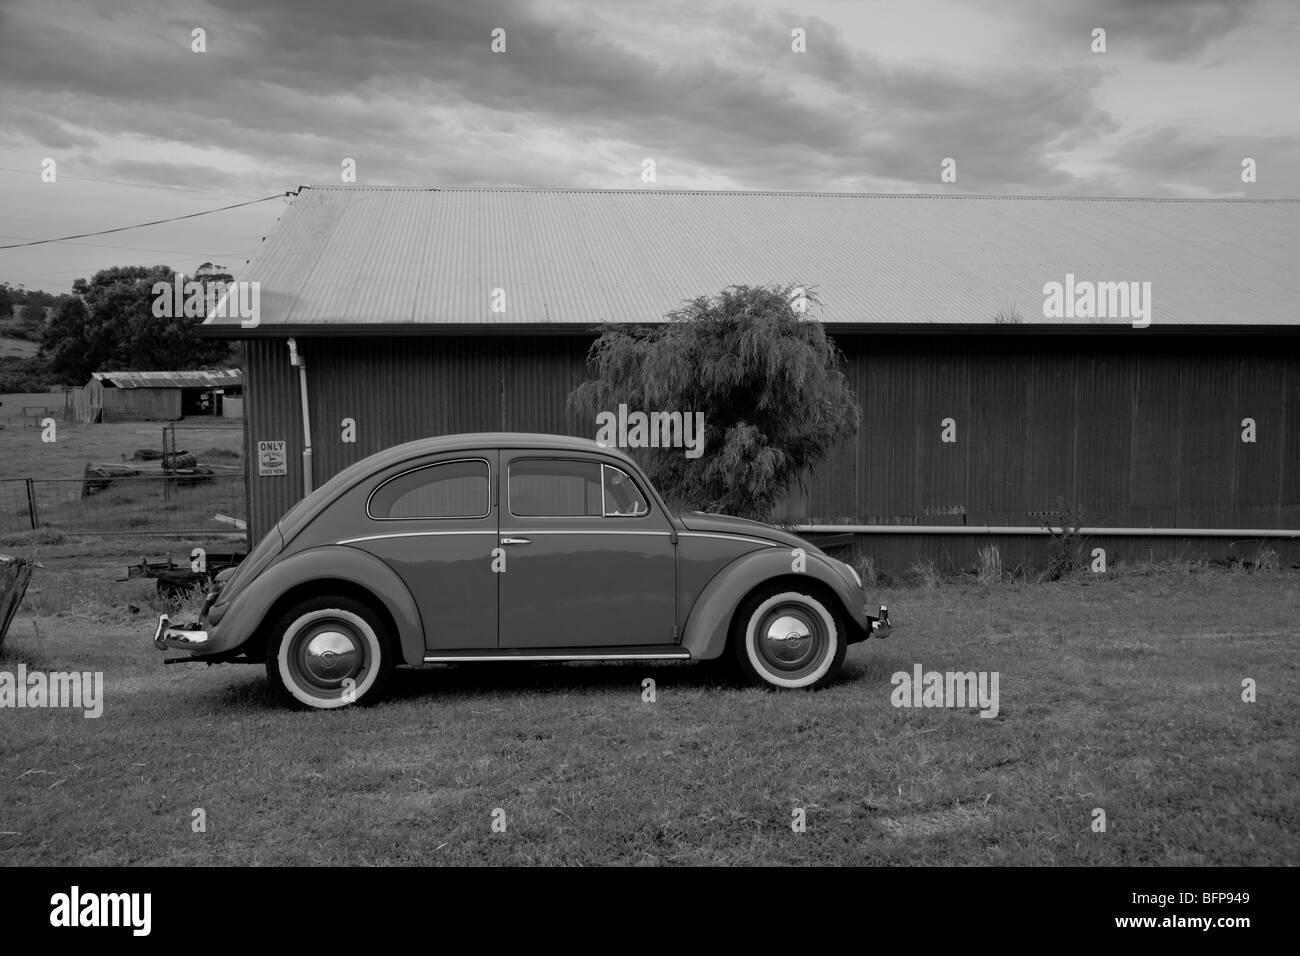 1954 Volkswagen Beetle, Western Australia - Stock Image